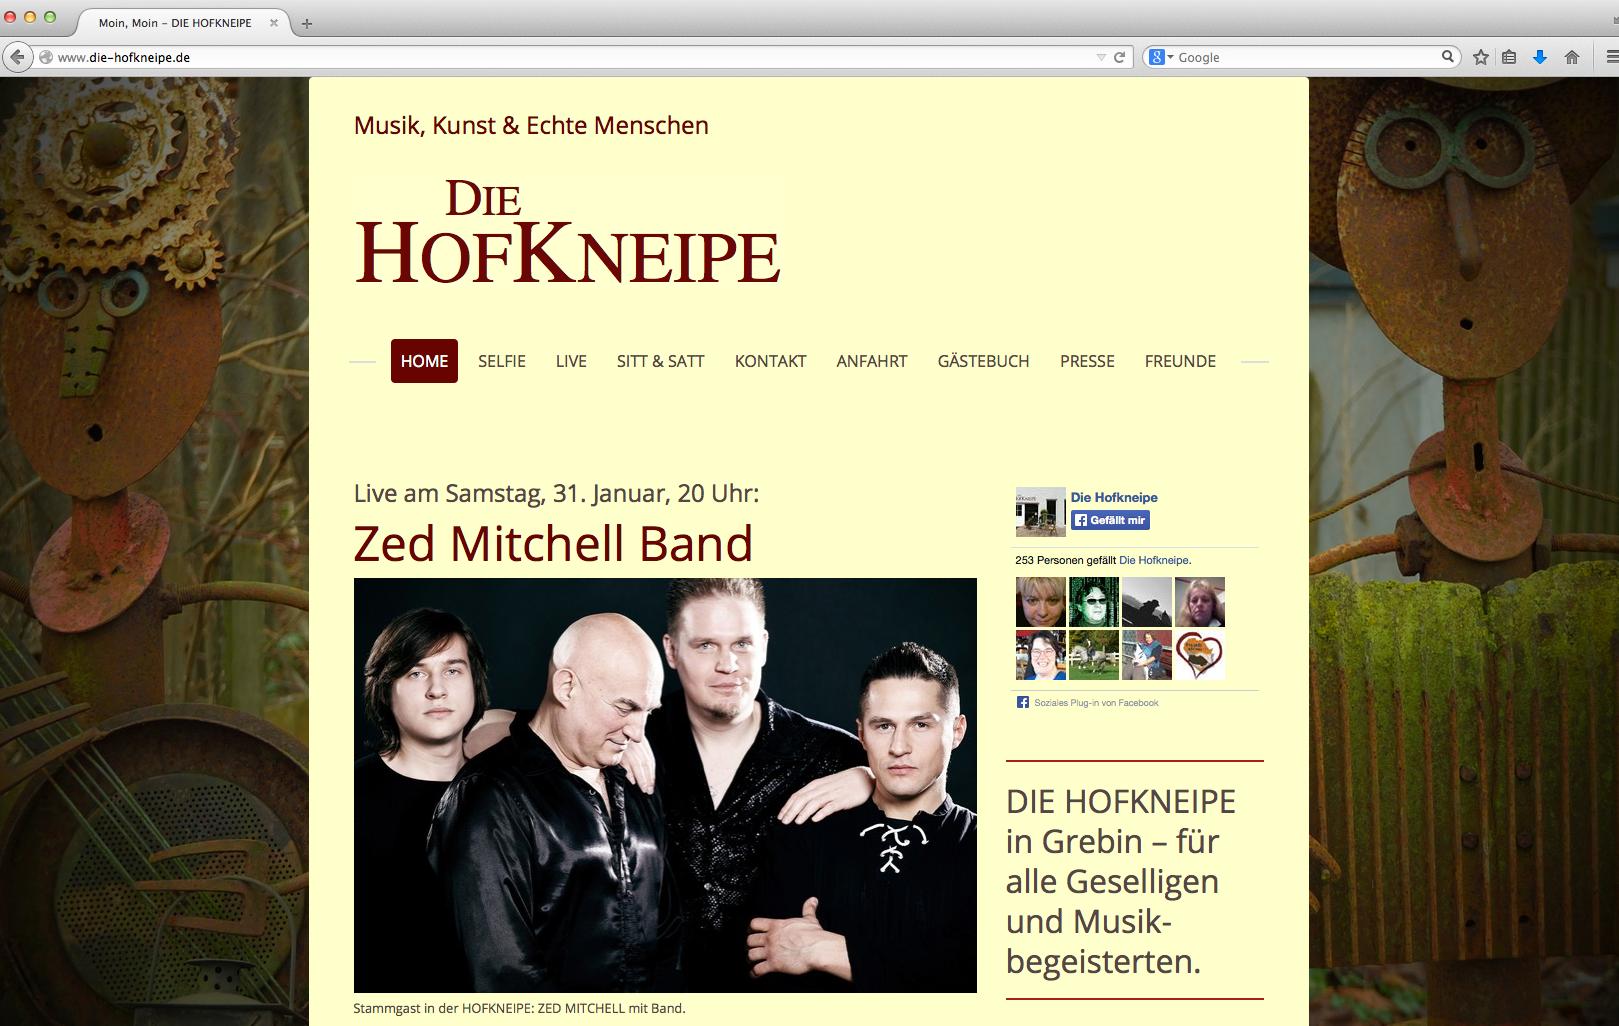 Gastronomie- und Kulturwebsite für DIE HOFKNEIPE